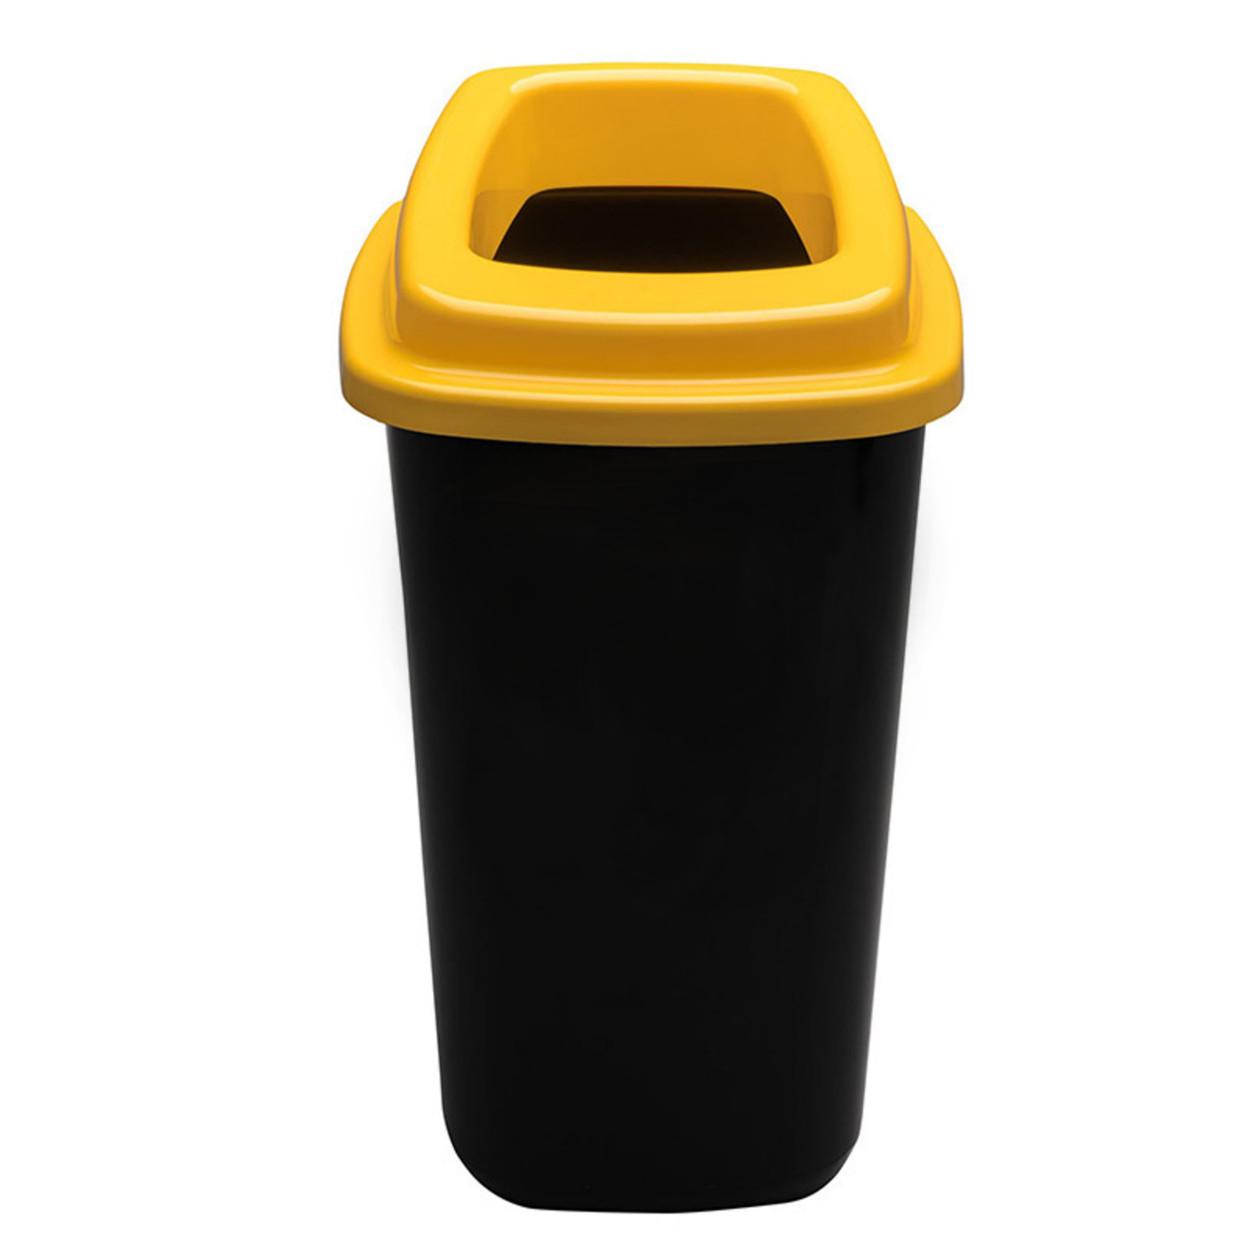 Plastový kôš na triedený odpad, 45 l, žltá